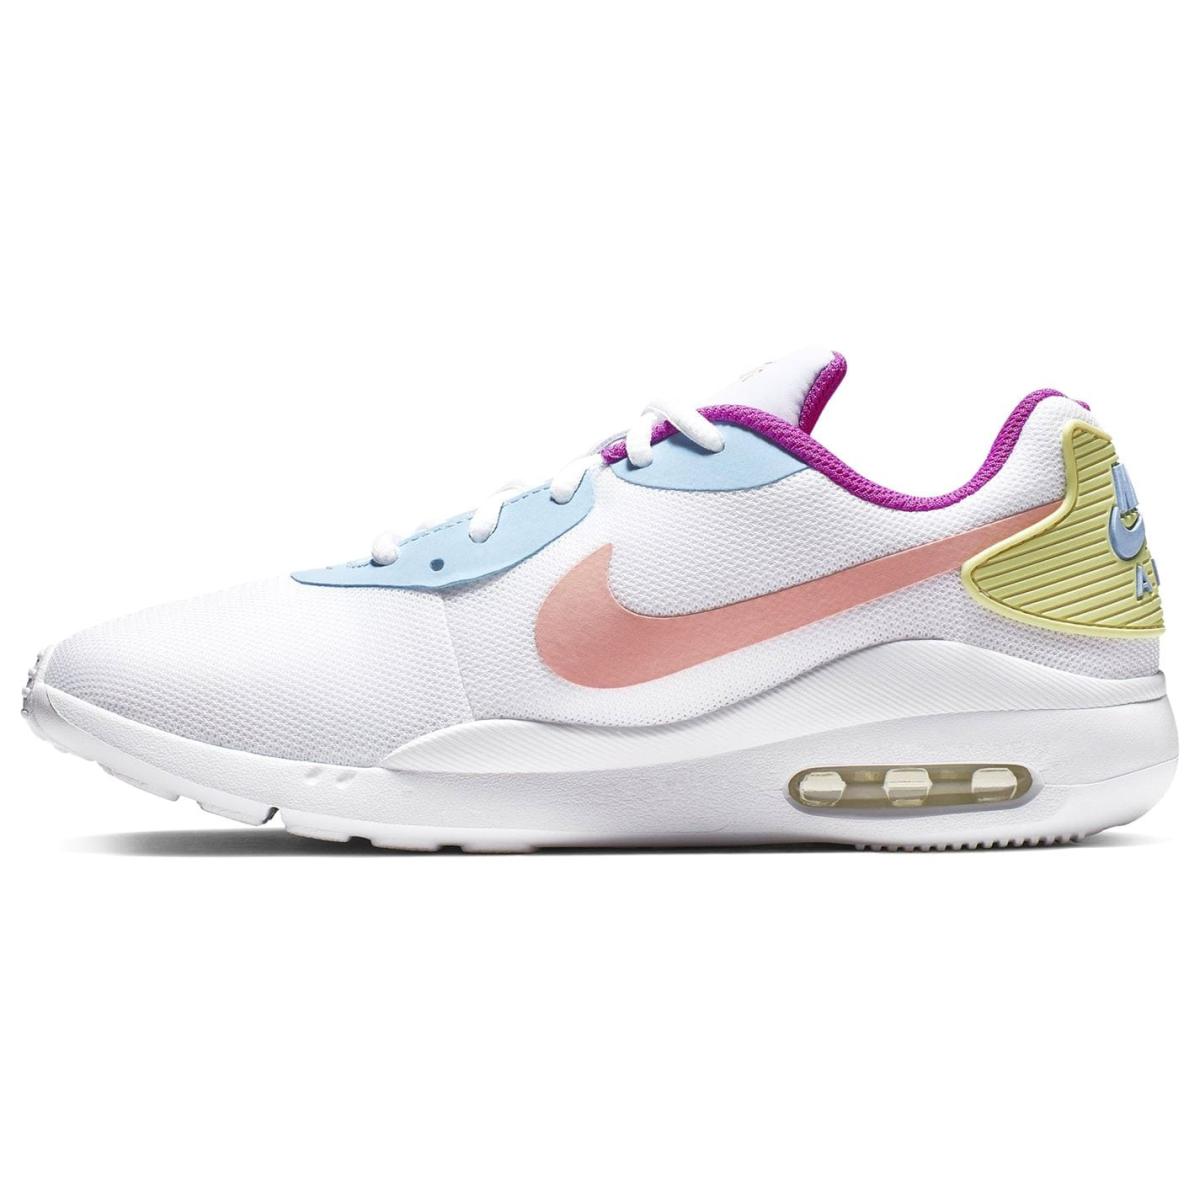 Nike-Air-Max-Oketo-Turnschuhe-Laufschuhe-Damen-Sportschuhe-Sneaker-4034 Indexbild 14